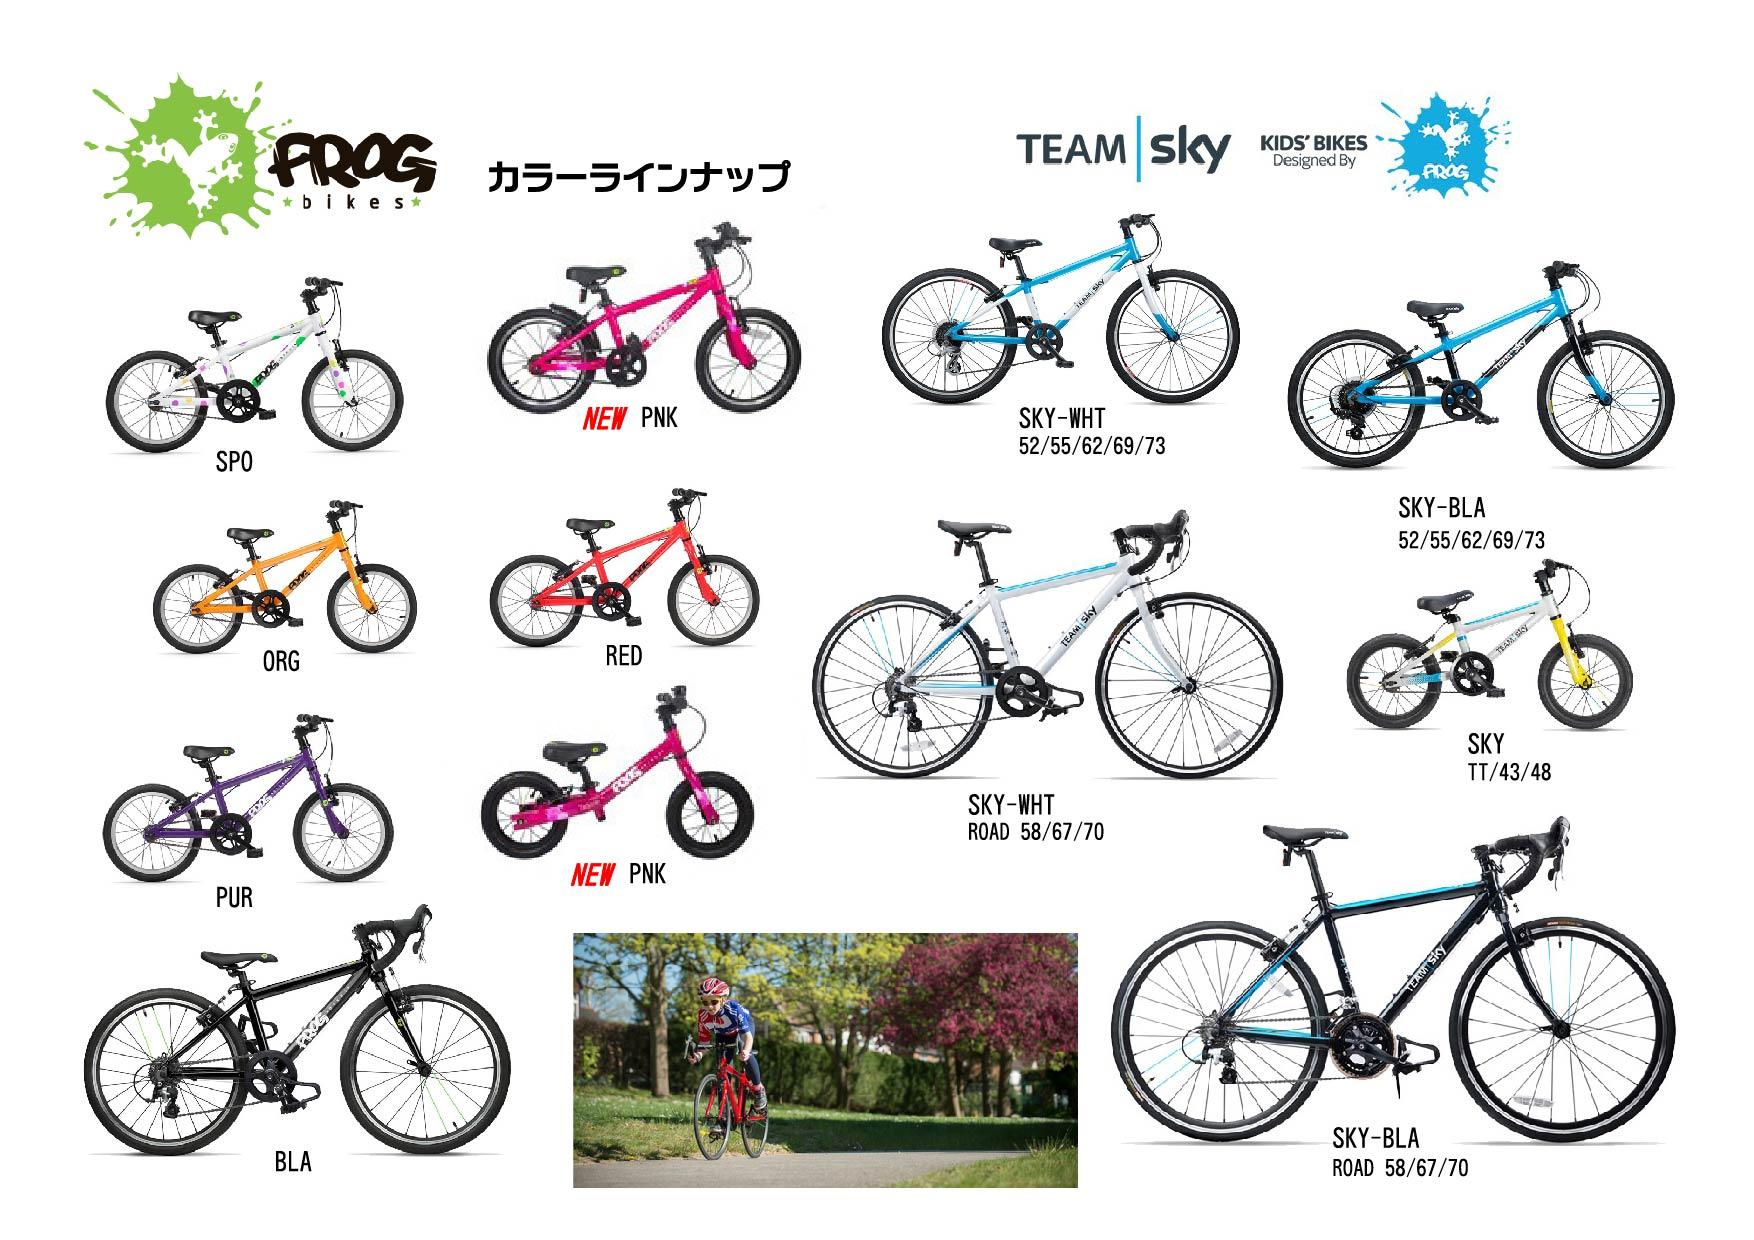 FROG bikesのNEWカラー&限定モデルです_b0189682_15195376.jpg